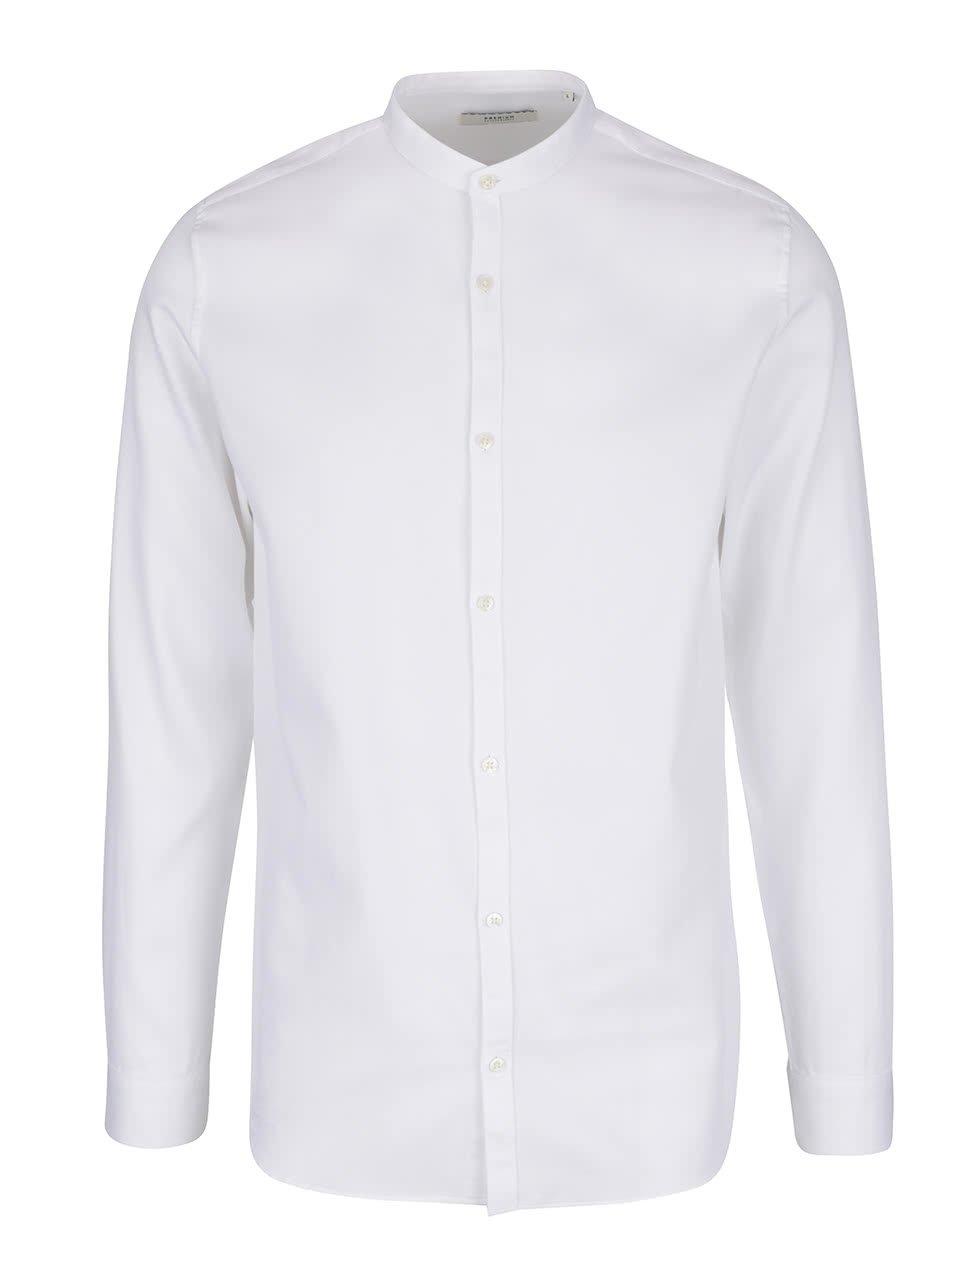 Bílá košile bez límečku Jack & Jones Toby